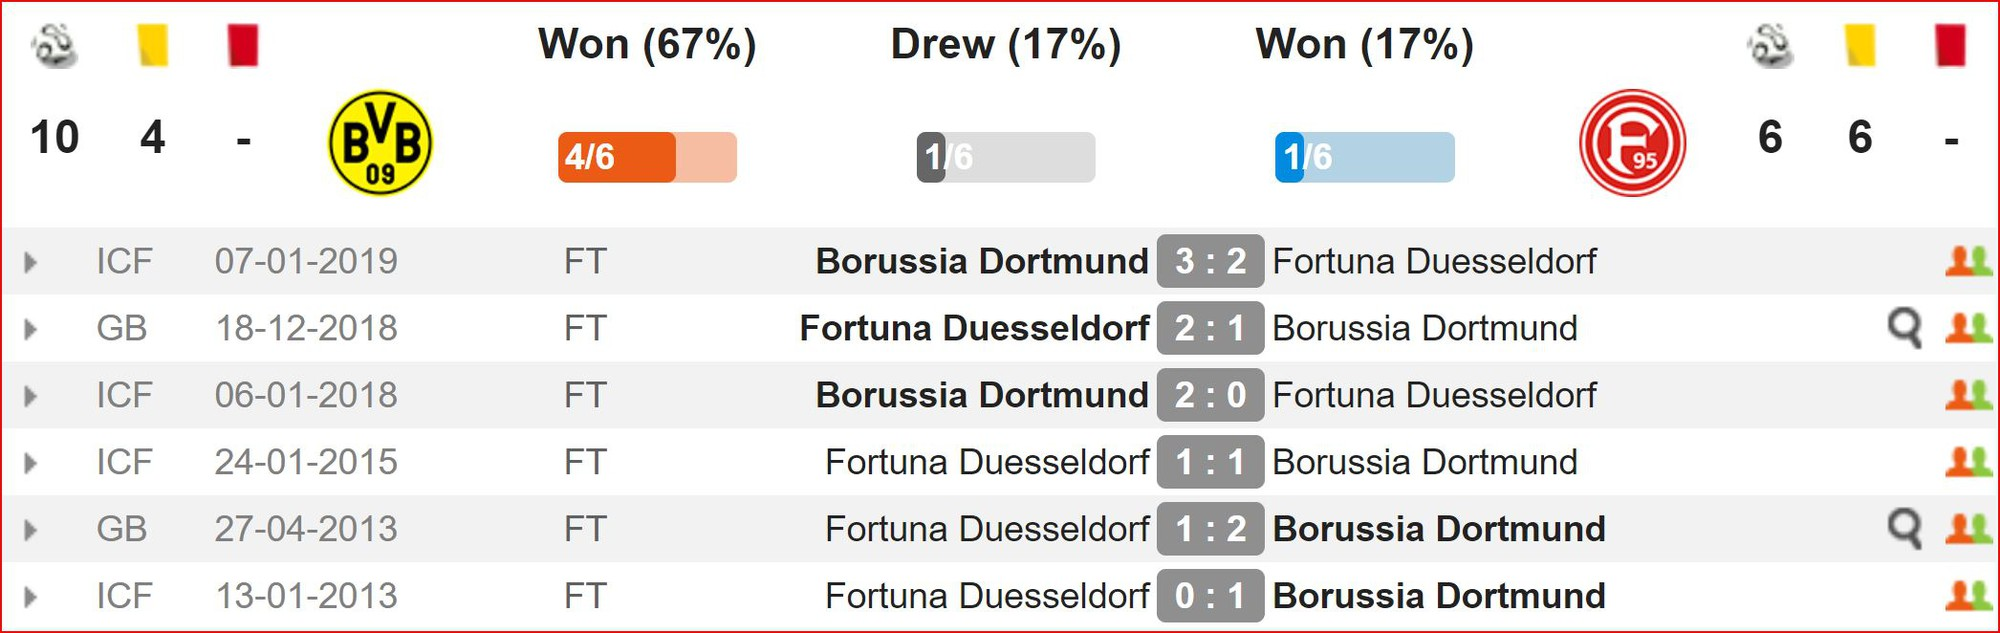 Nhận định Dortmund vs Fortuna Dusseldorf (20h30, 11/5) vòng 33 Bundesliga: Nhiệm vụ phải thắng - Ảnh 2.